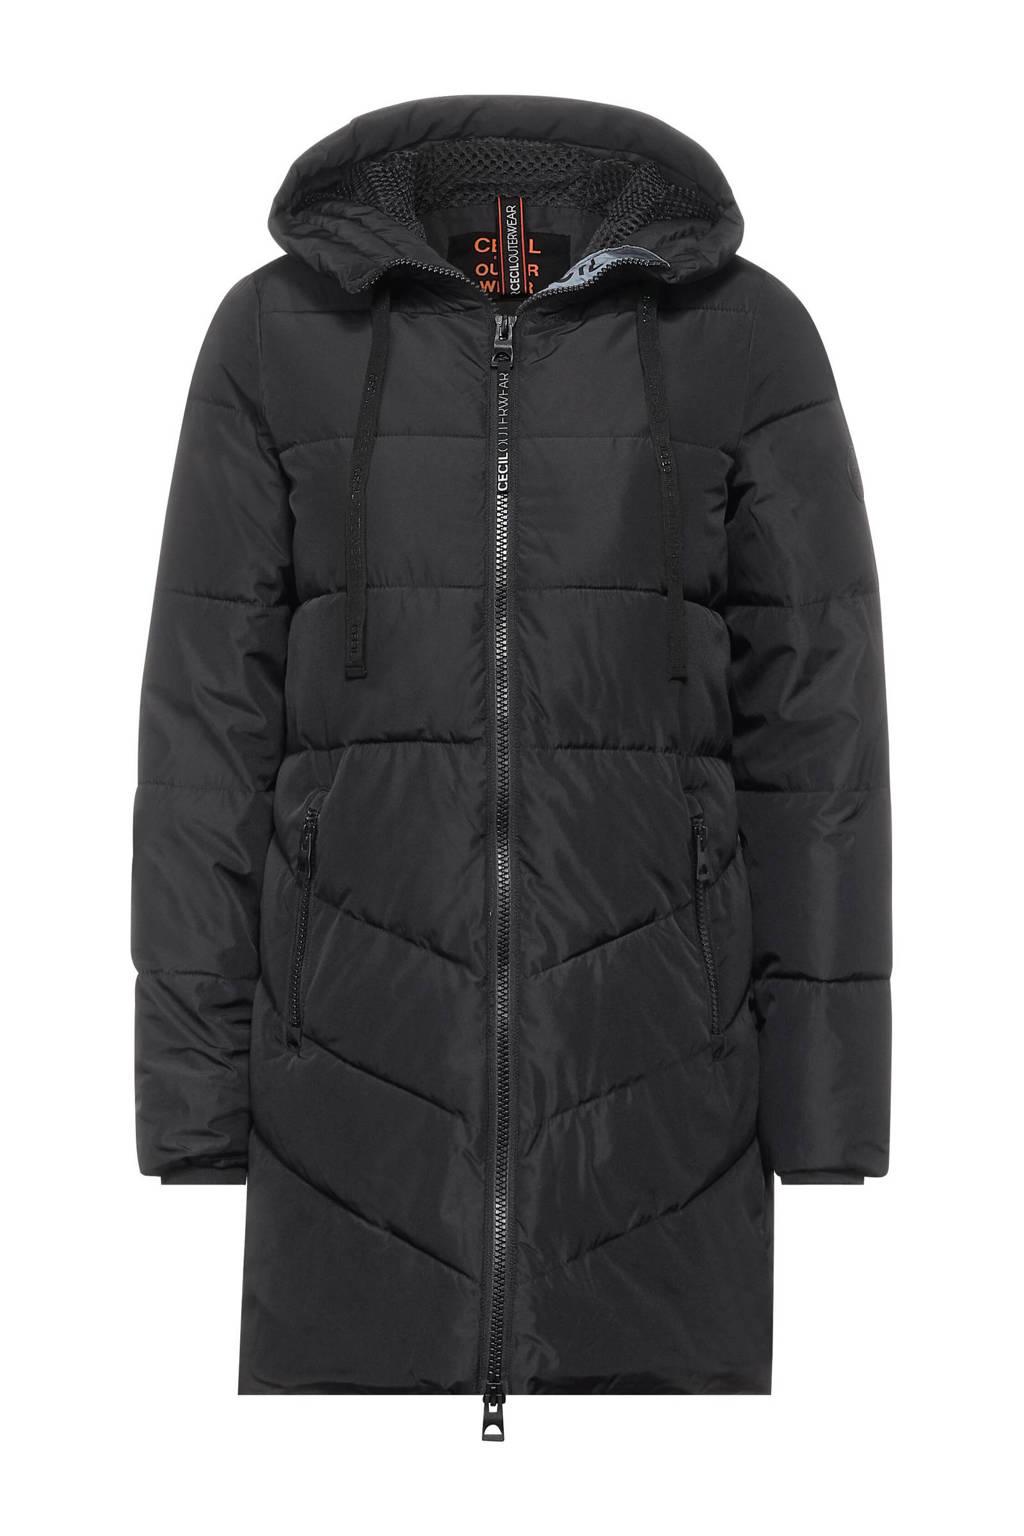 CECIL gewatteerde jas zwart, Zwart